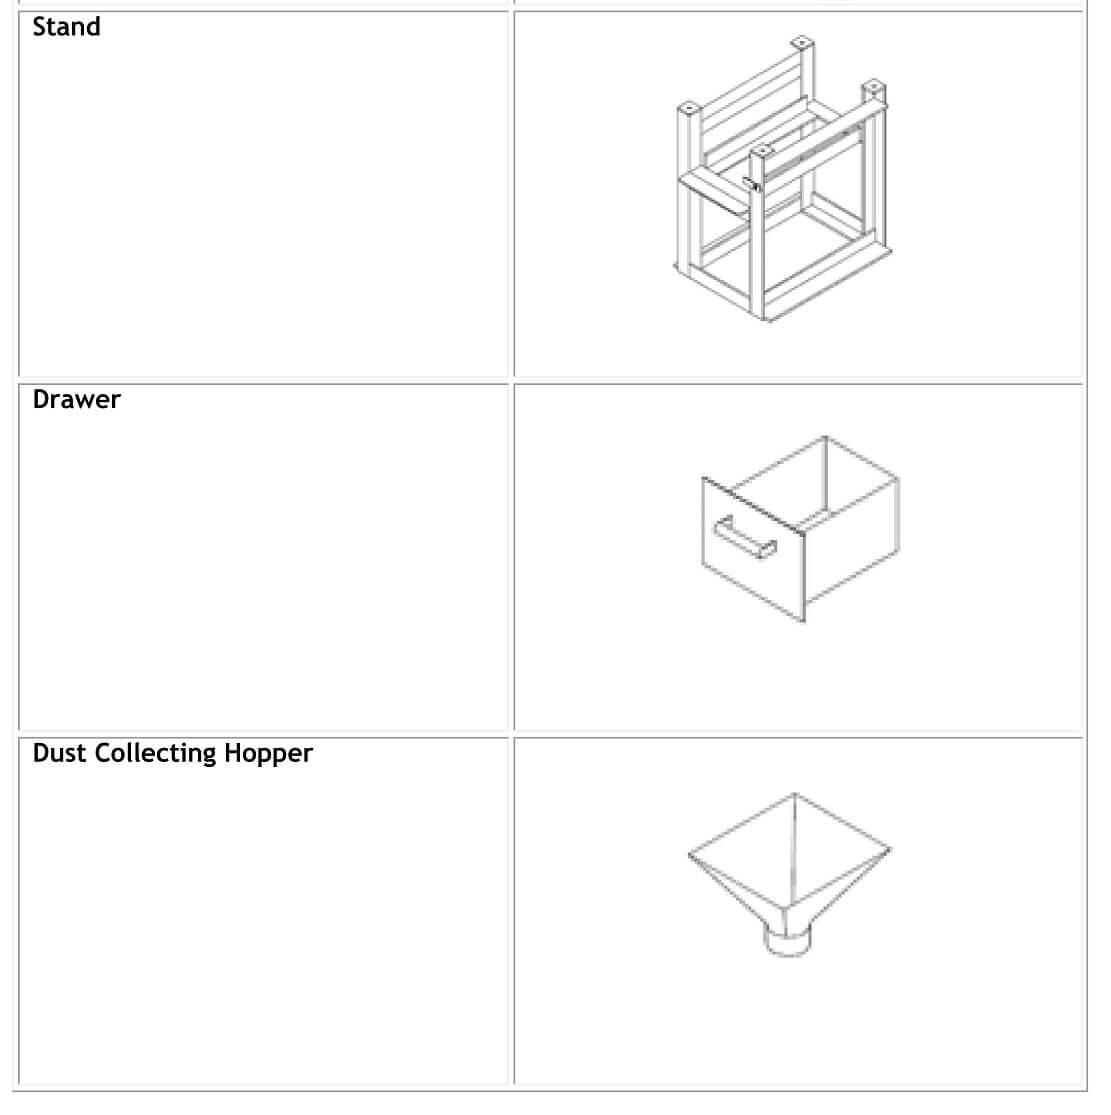 portable rock crusher drawings (3)